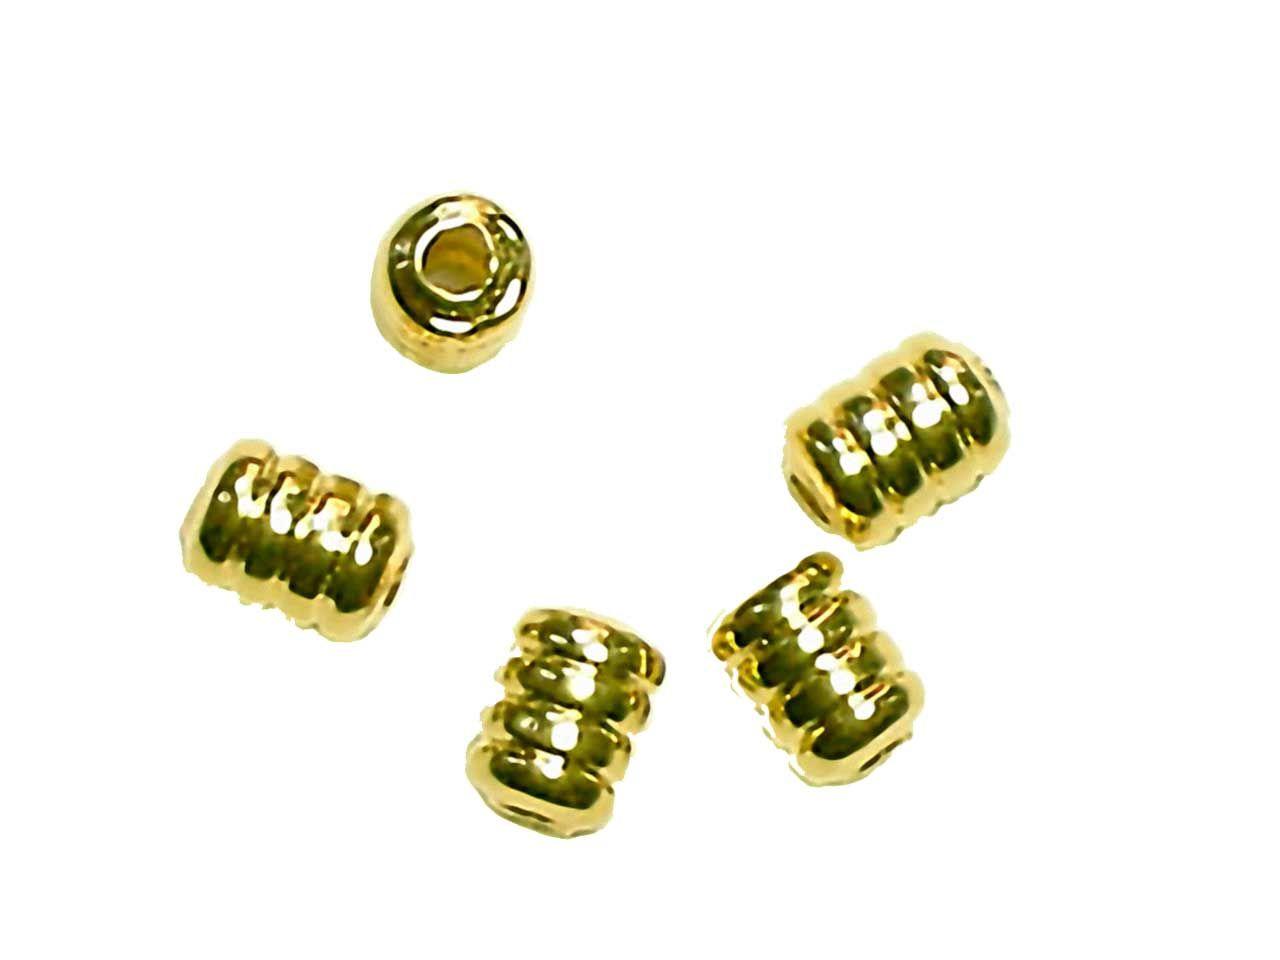 Inhalt 20 St/ück Goldkopfperlen Messingperlen echt vergoldet Farbe Gold 2,8 mm